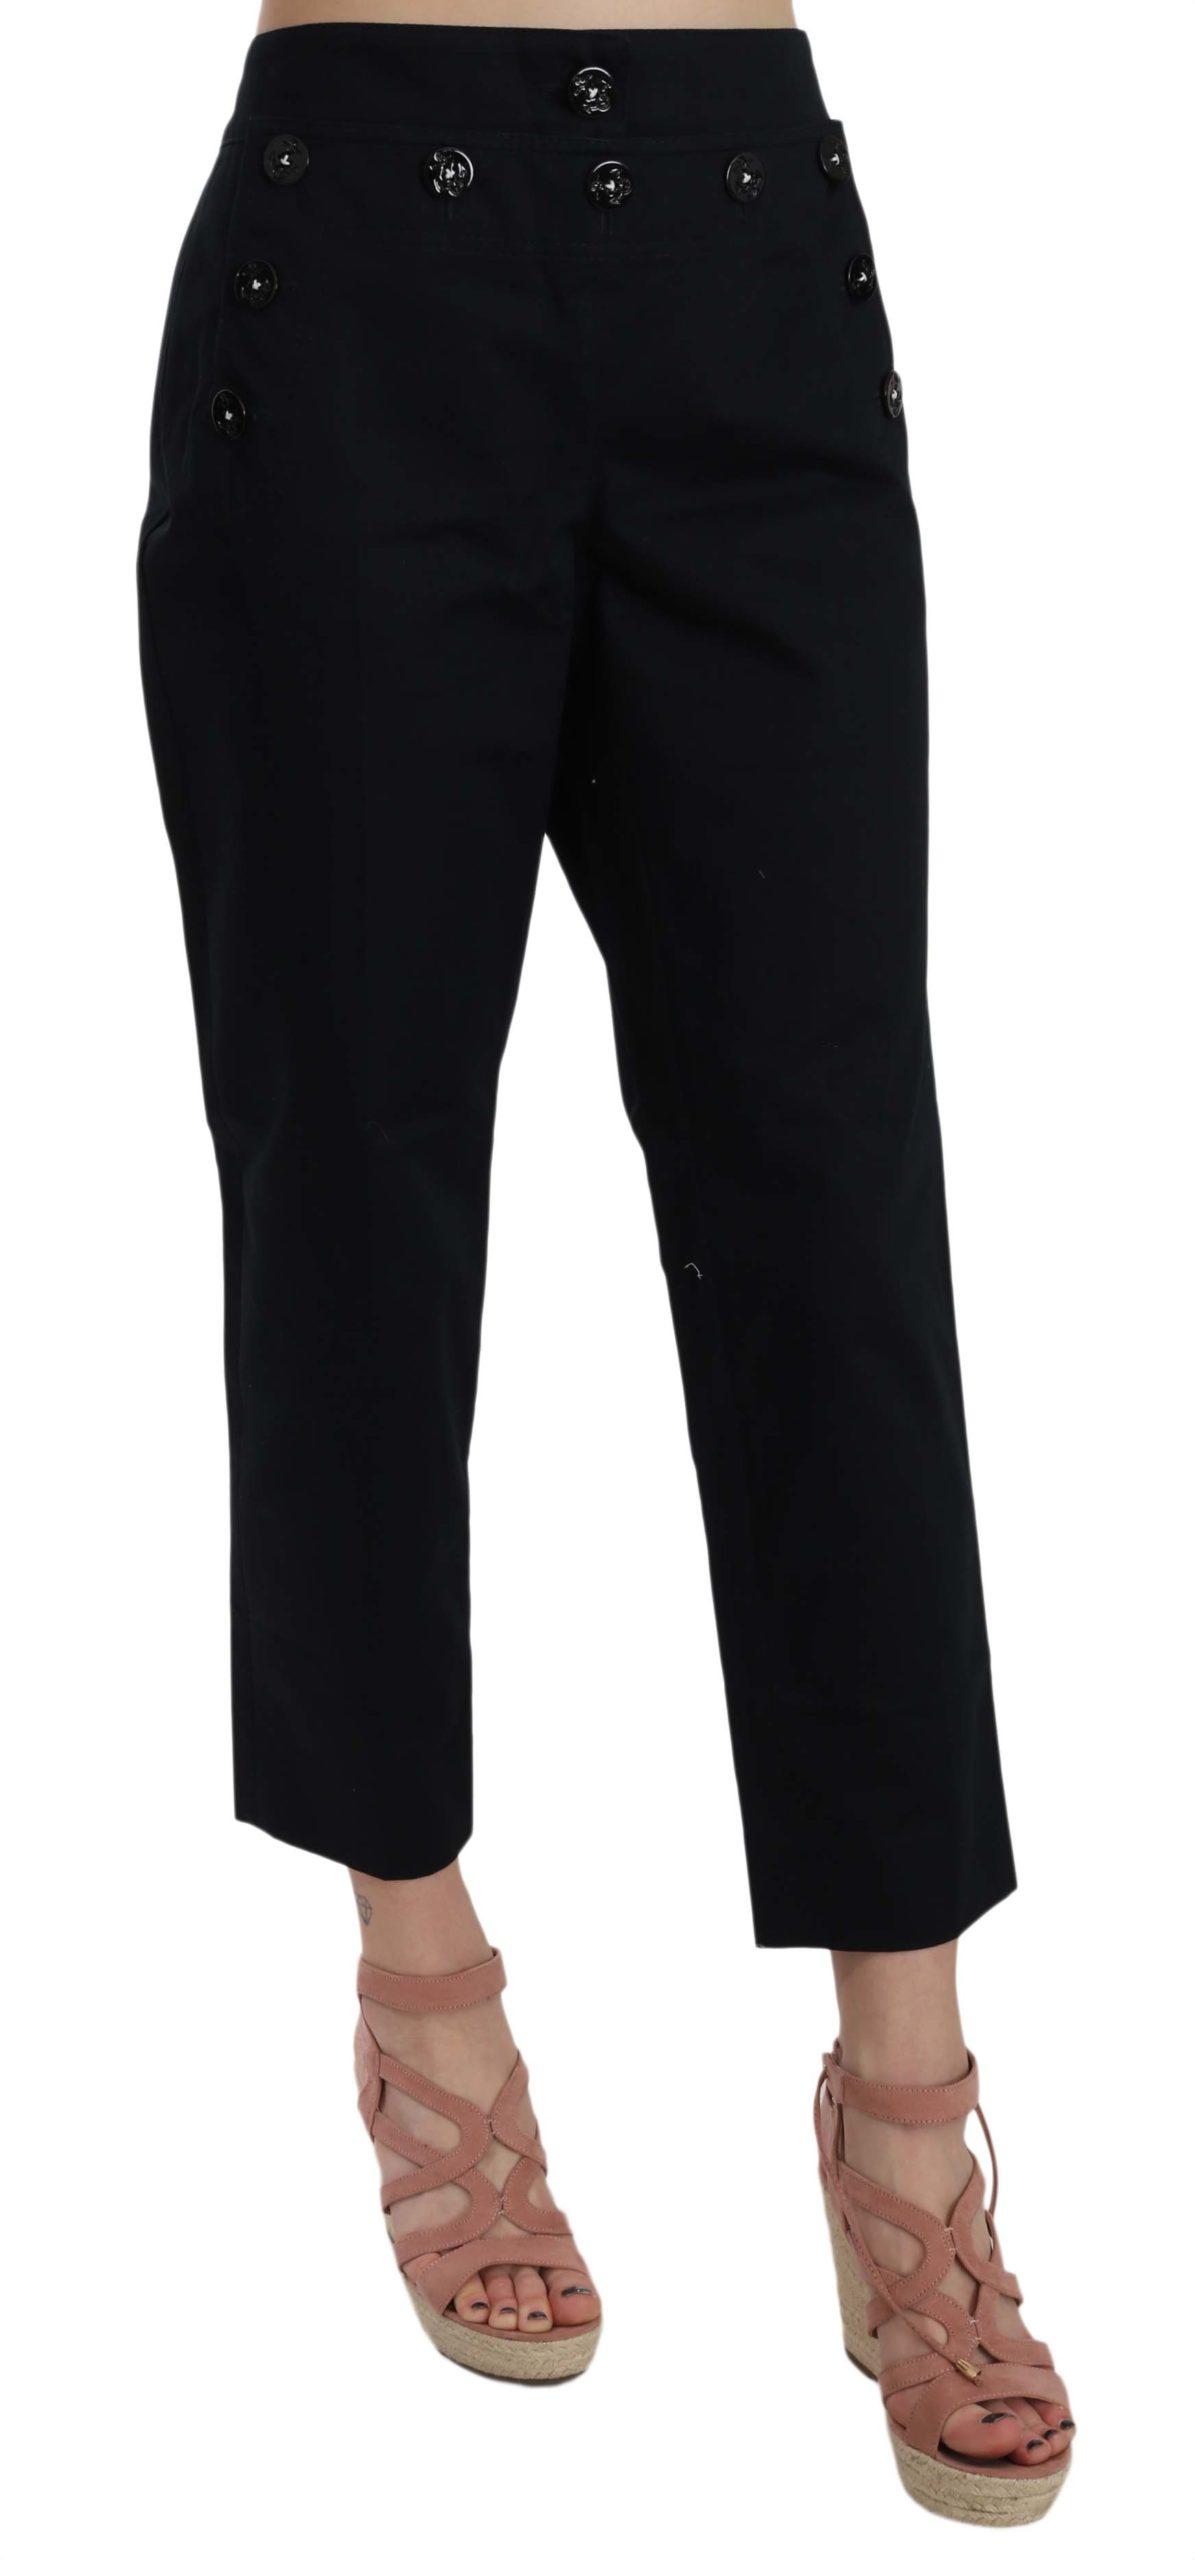 Dolce & Gabbana Women's Trouser Black PAN70011 - IT36|XXS